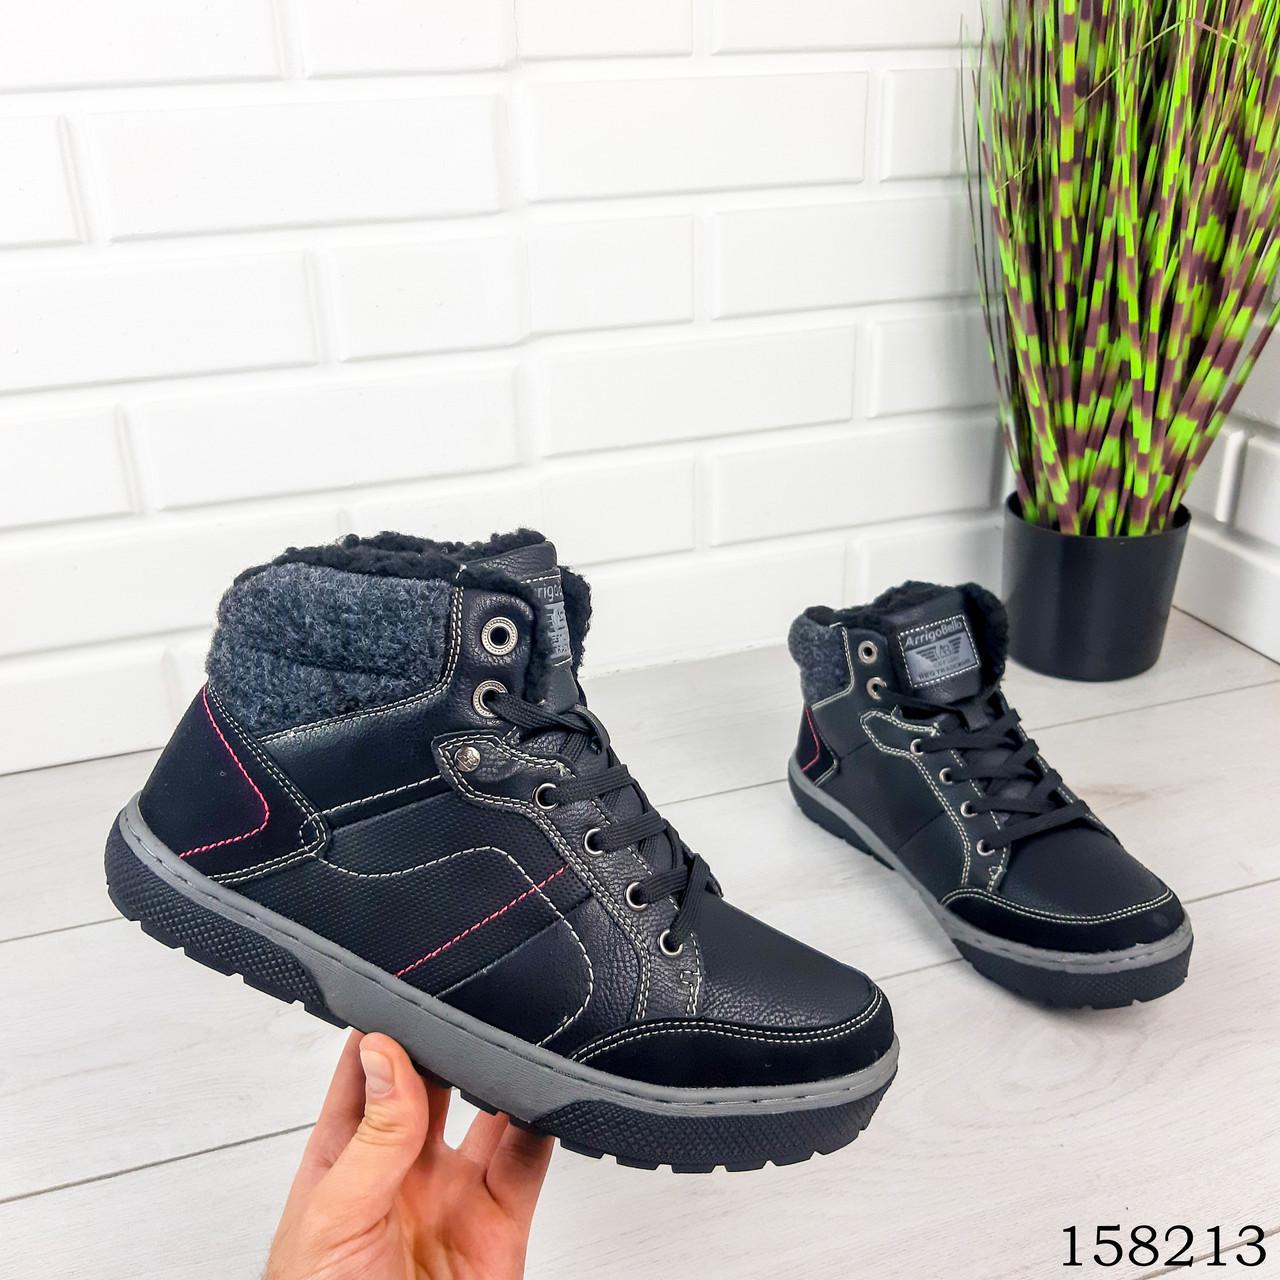 Чоловічі зимові черевики на шнурках, чорного кольору з еко шкіри, всередині теплий еко хутро.